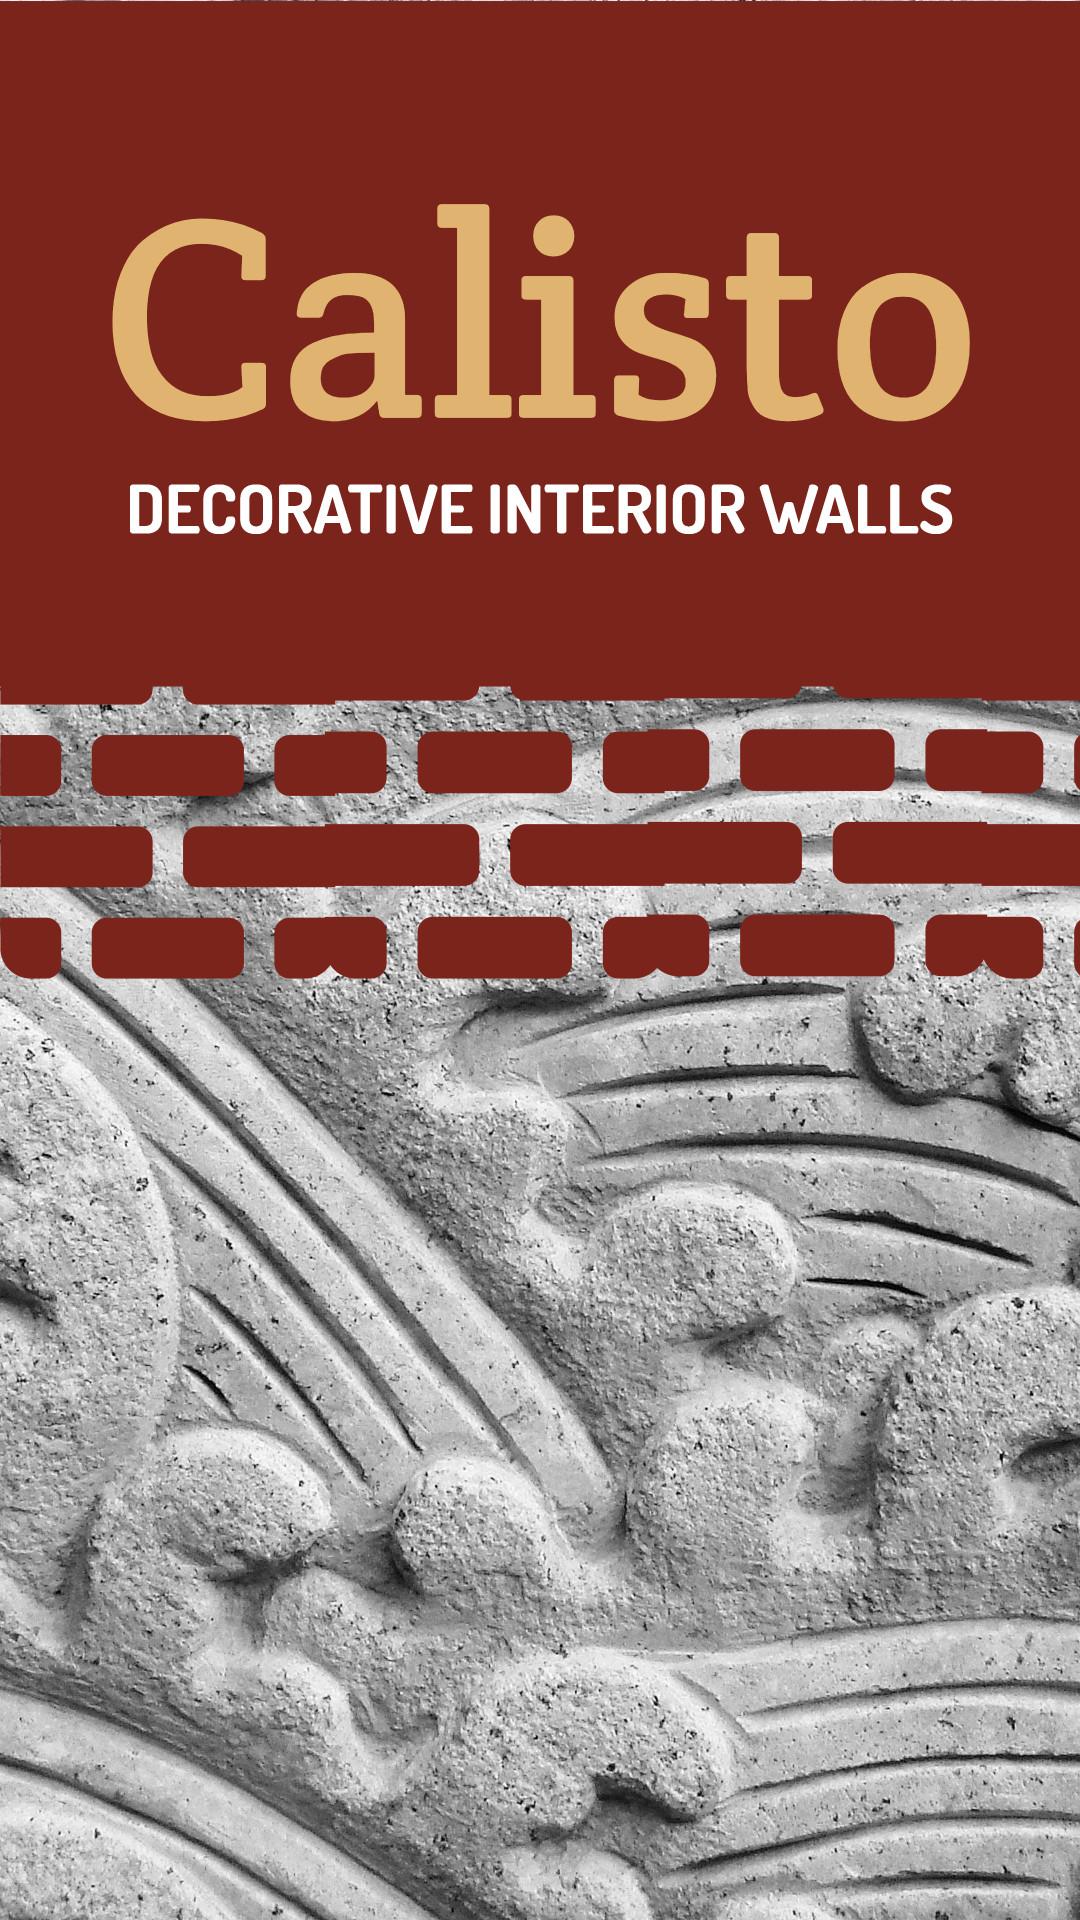 Calisto - Decorative interior walls